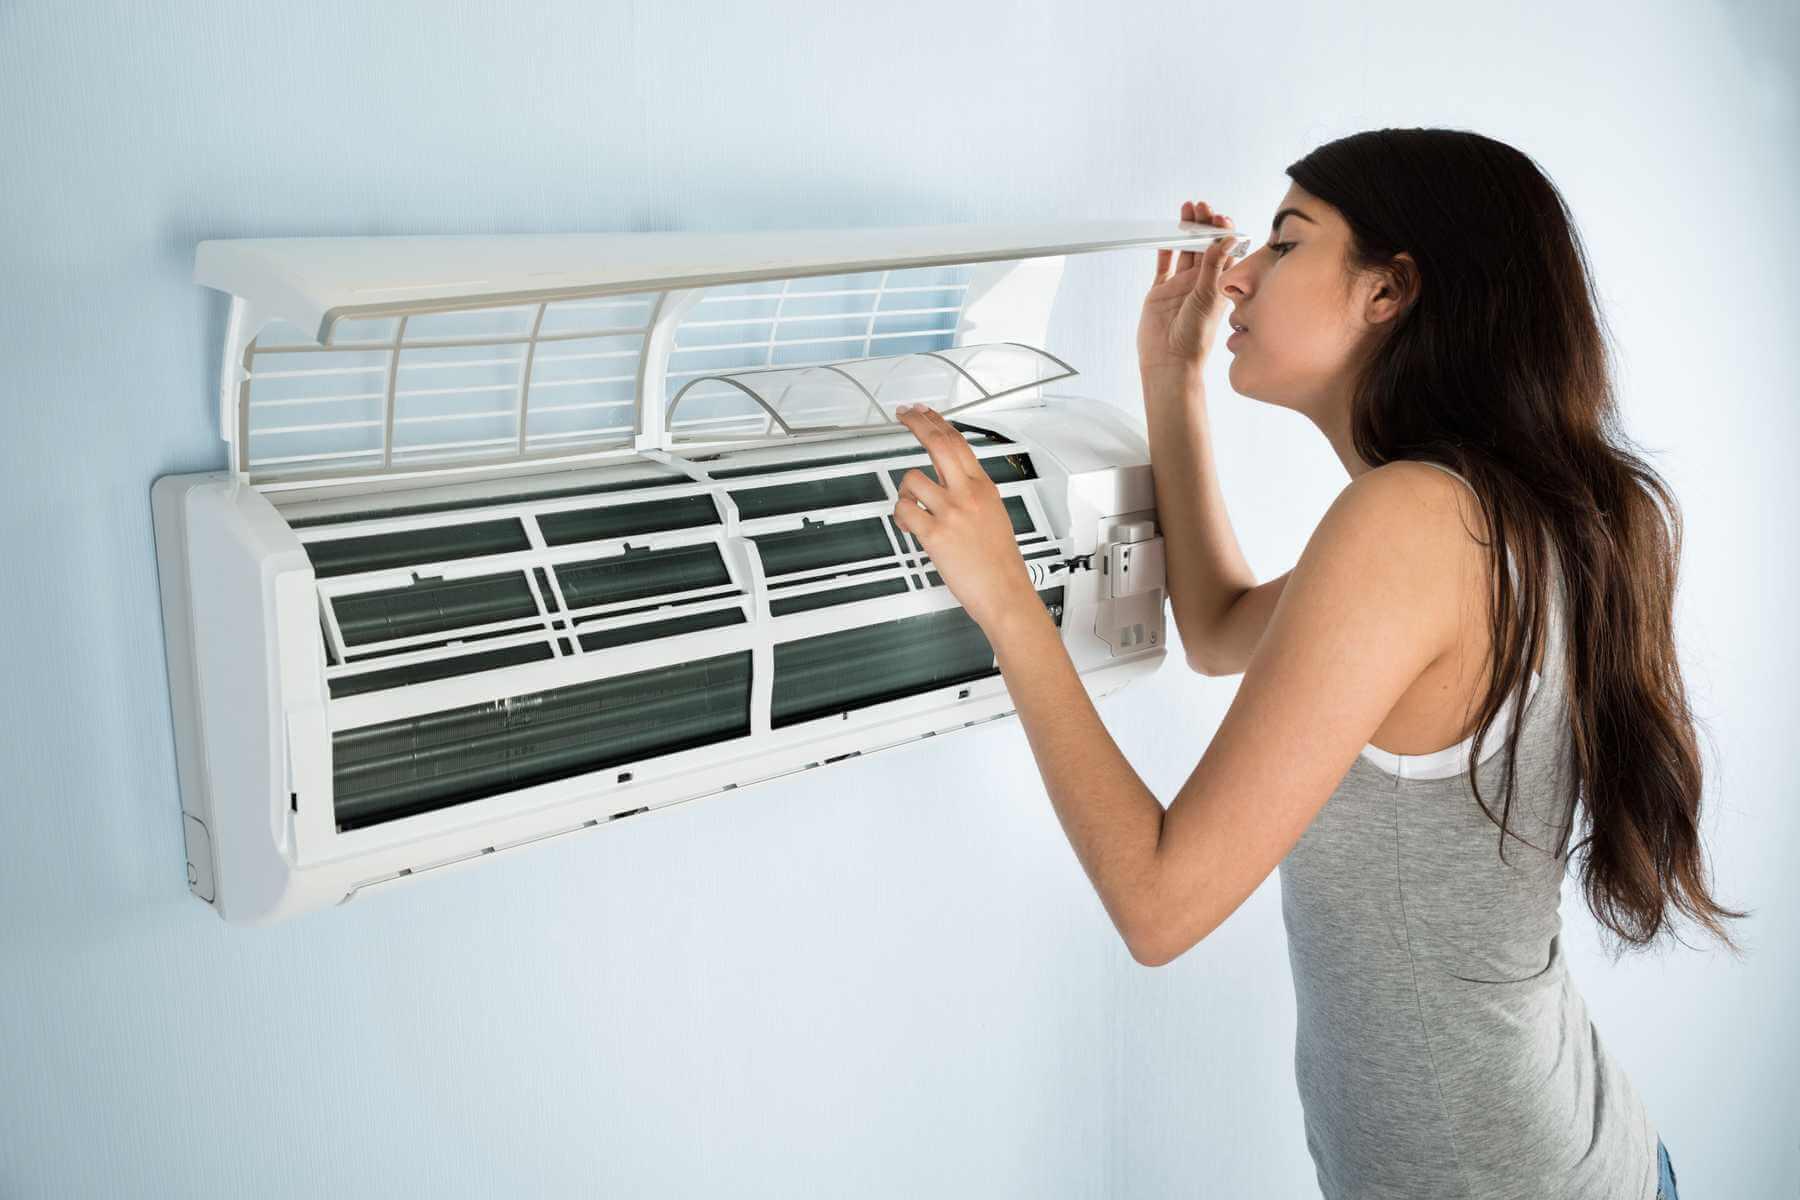 sửa máy lạnh quận 11 bình dân